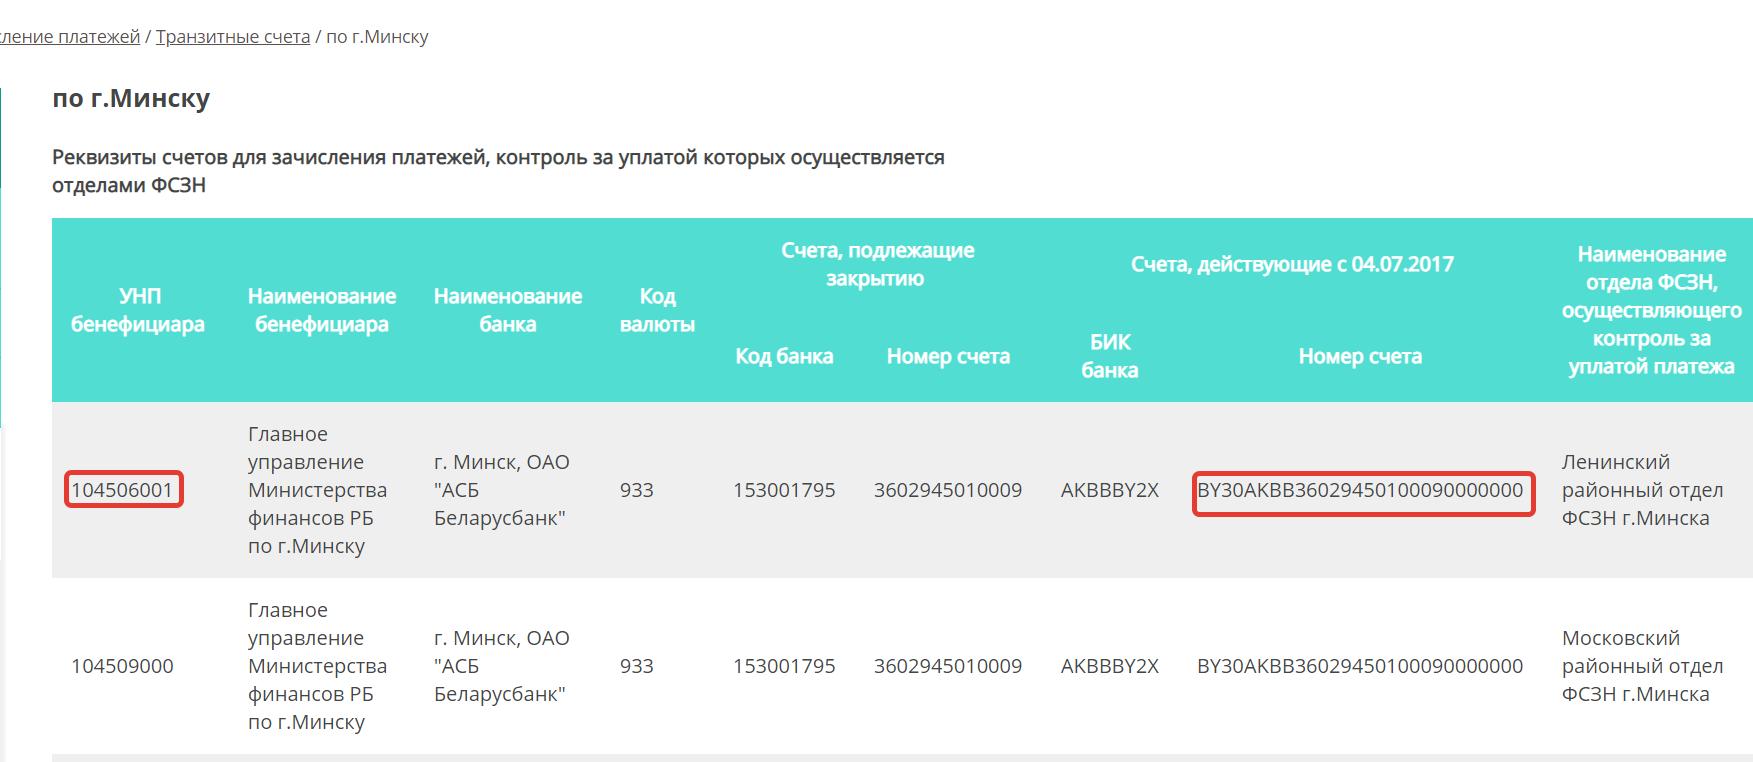 Регистрация ип в фсзн беларусь электронная отчетность по онлайн